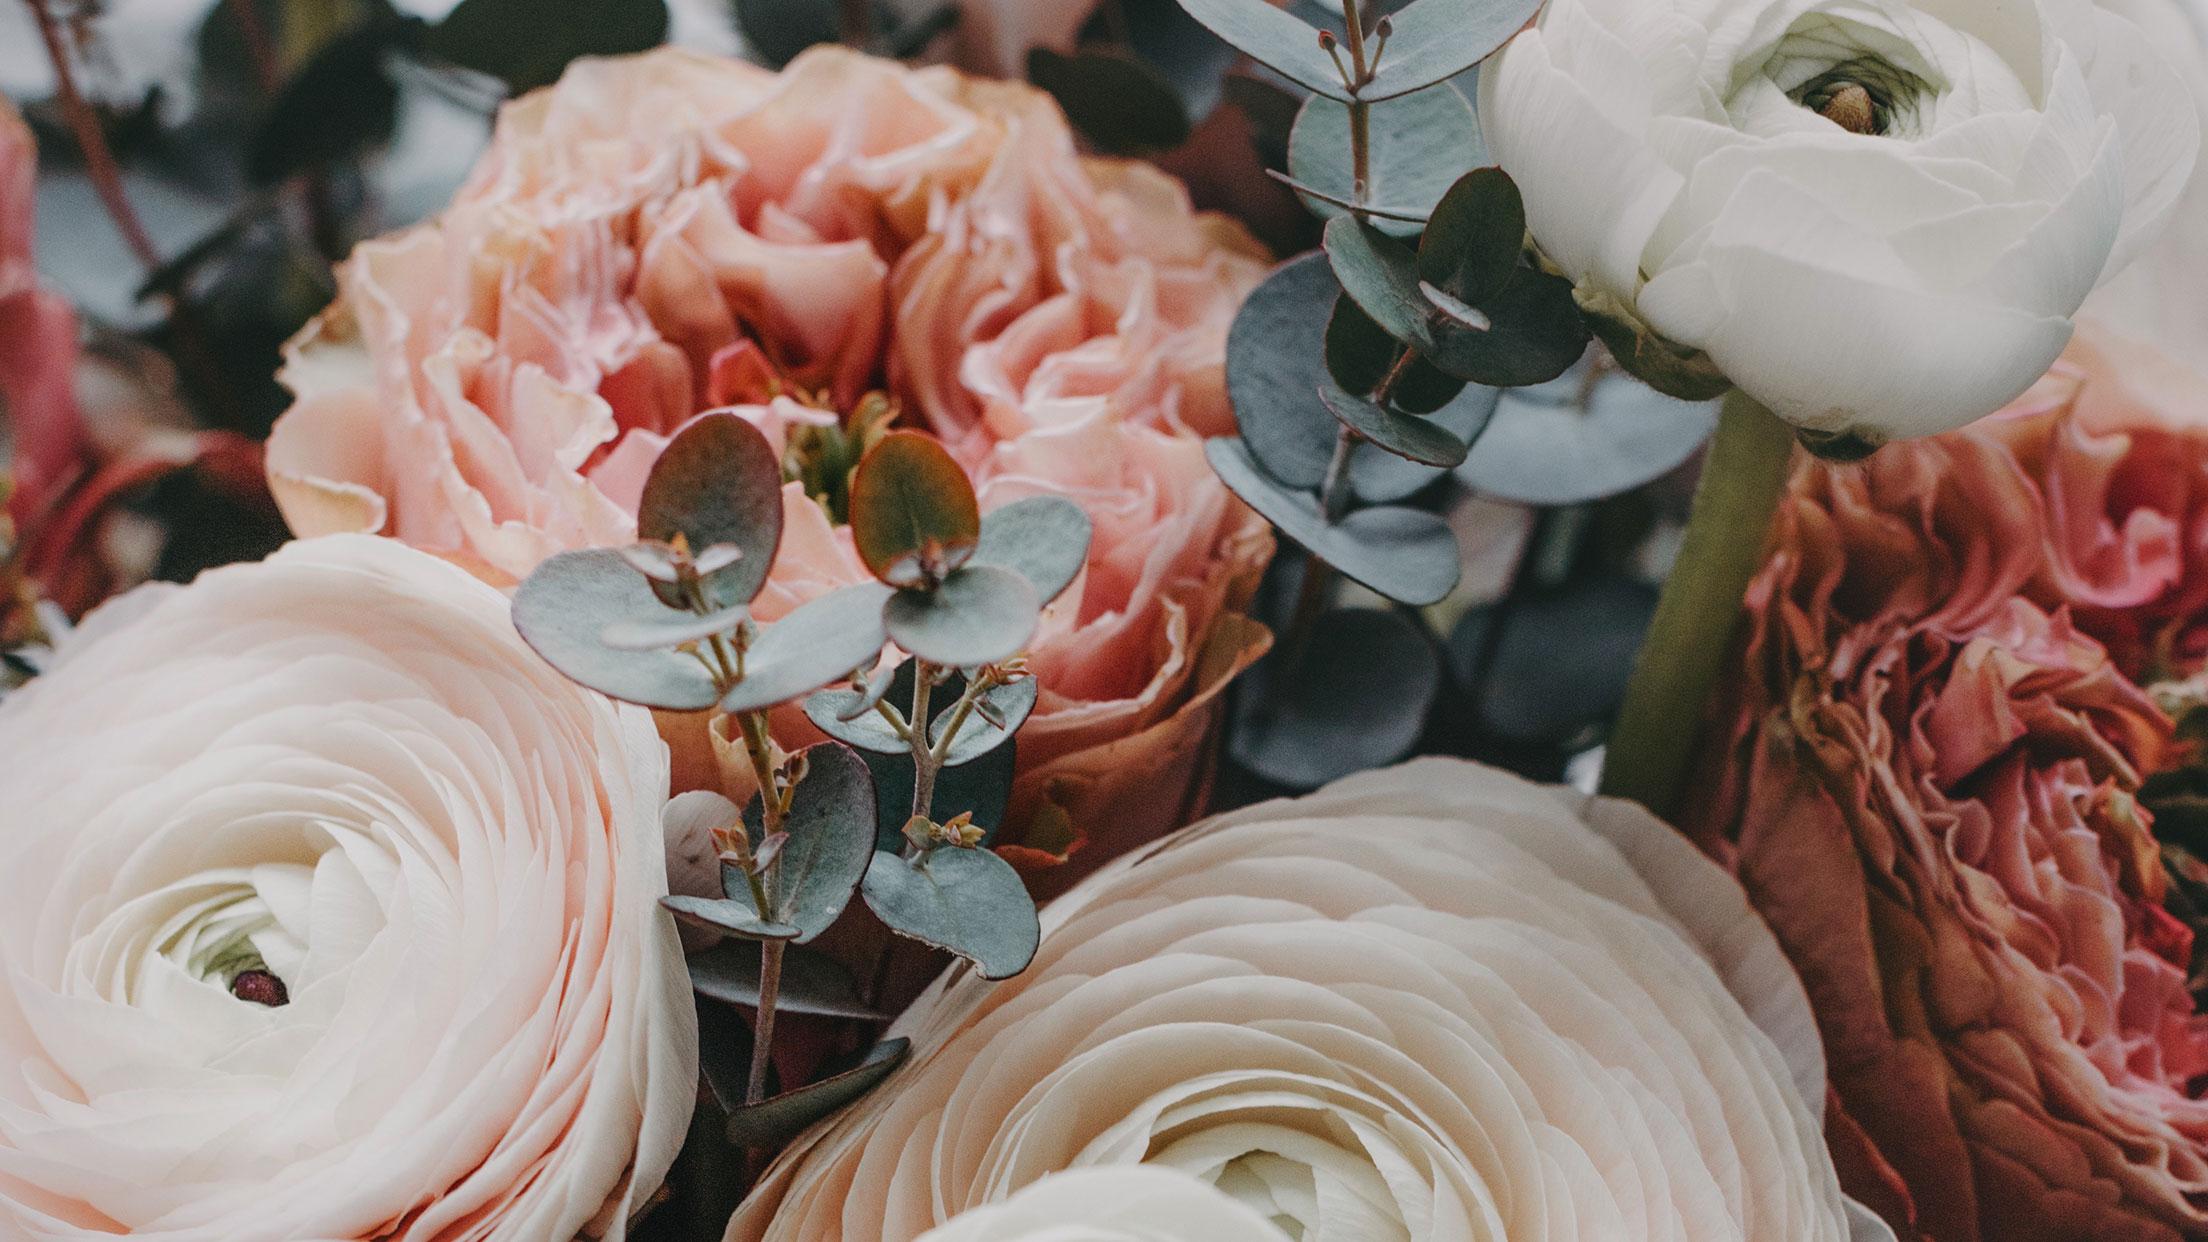 Hochzeit - heiraten, lieben und Braut sein